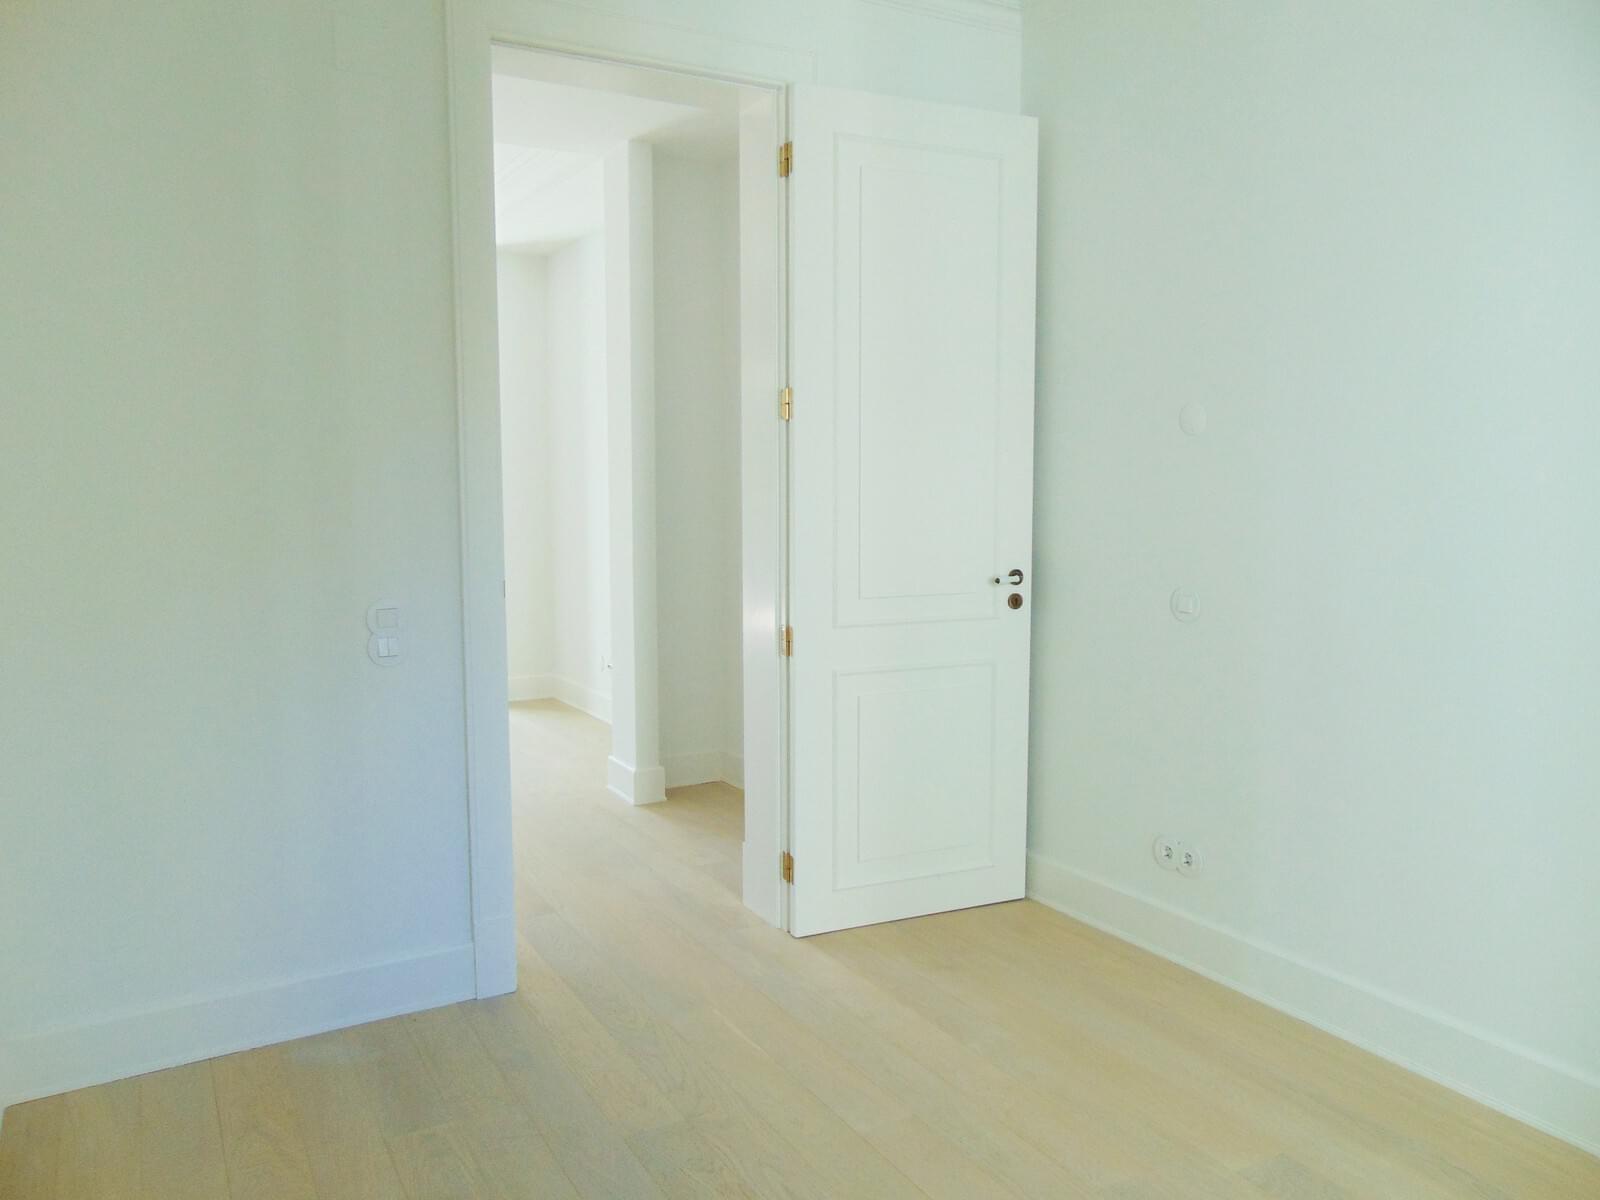 pf18152-apartamento-t2-lisboa-da2c125a-31fd-4c09-bcff-f9878eafd2f2